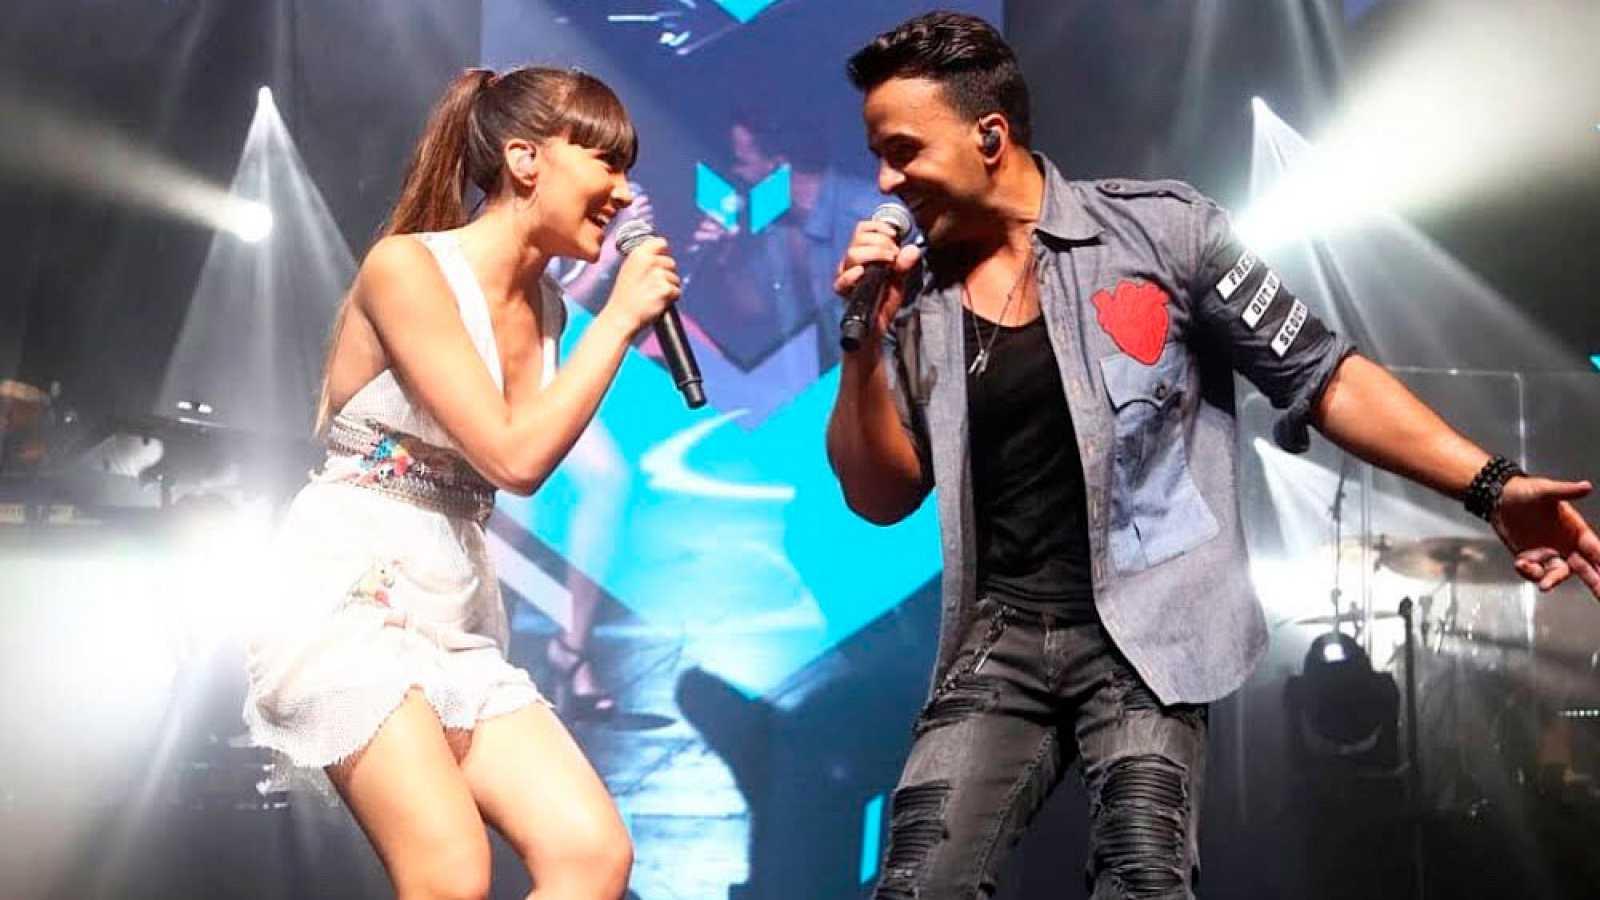 Corazón Luis Fonsi Y Aitana Vuelven A Actuar Juntos En Barcelona